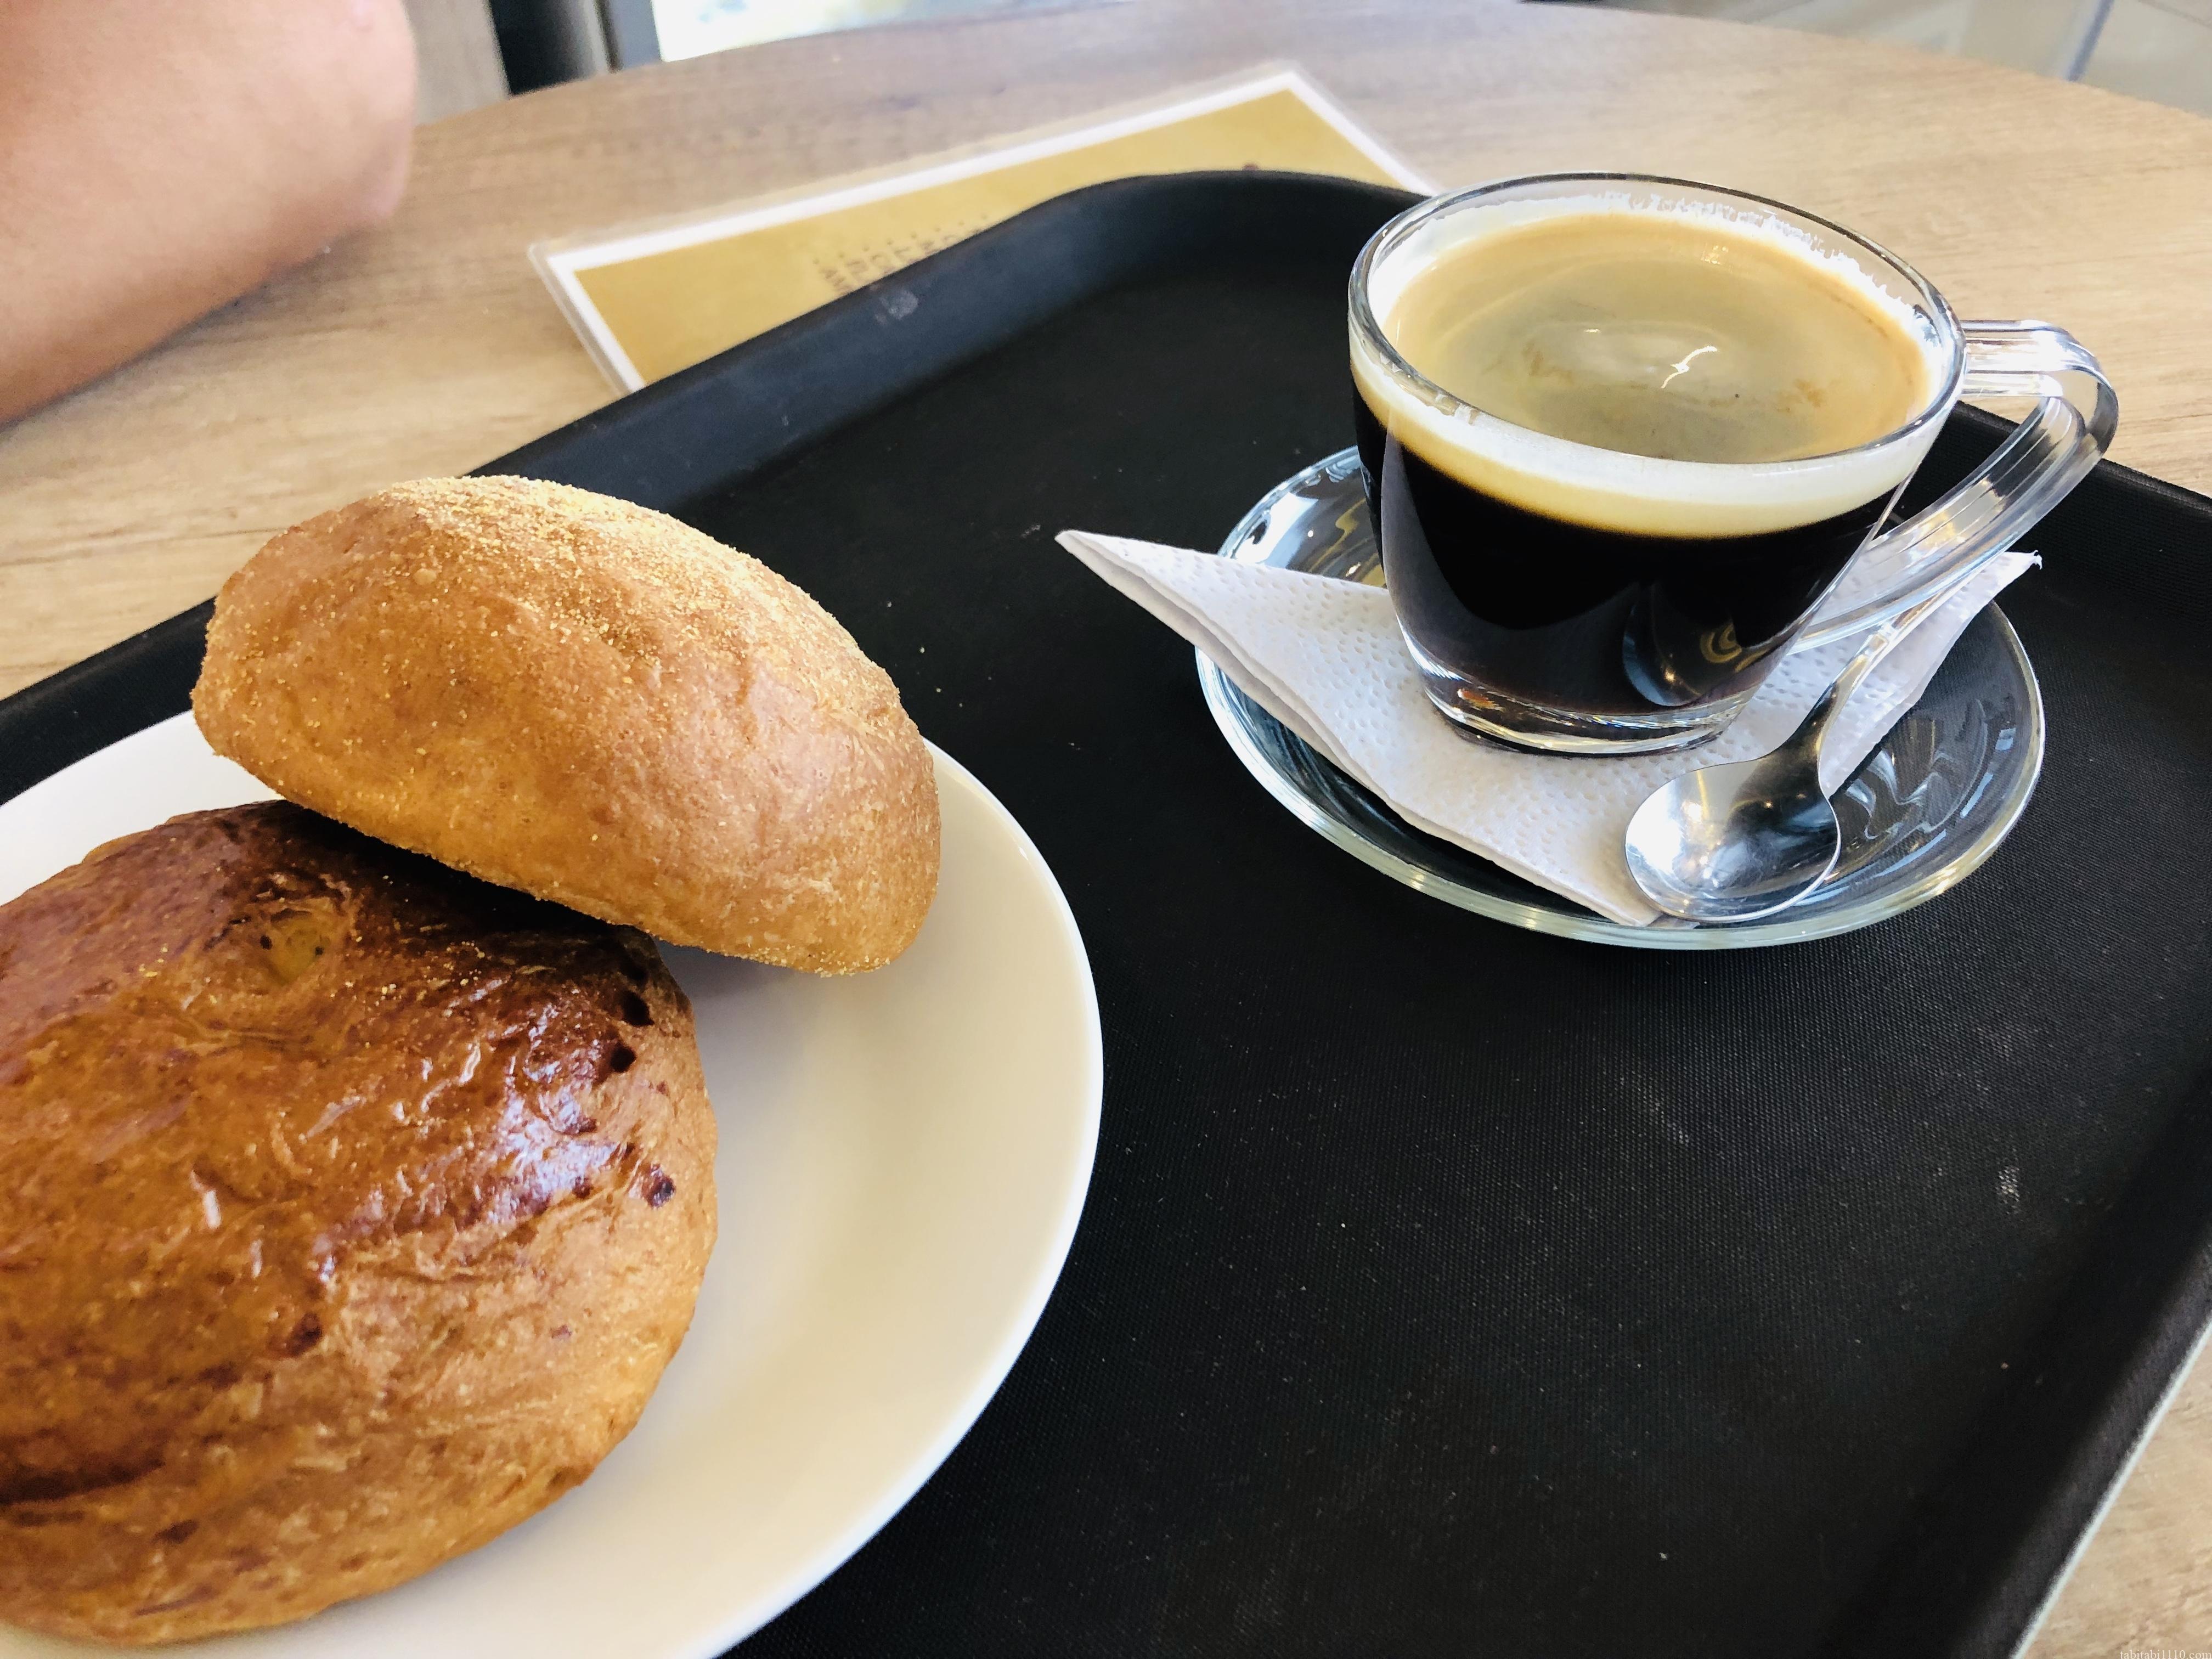 サンクリストバル島のパン屋